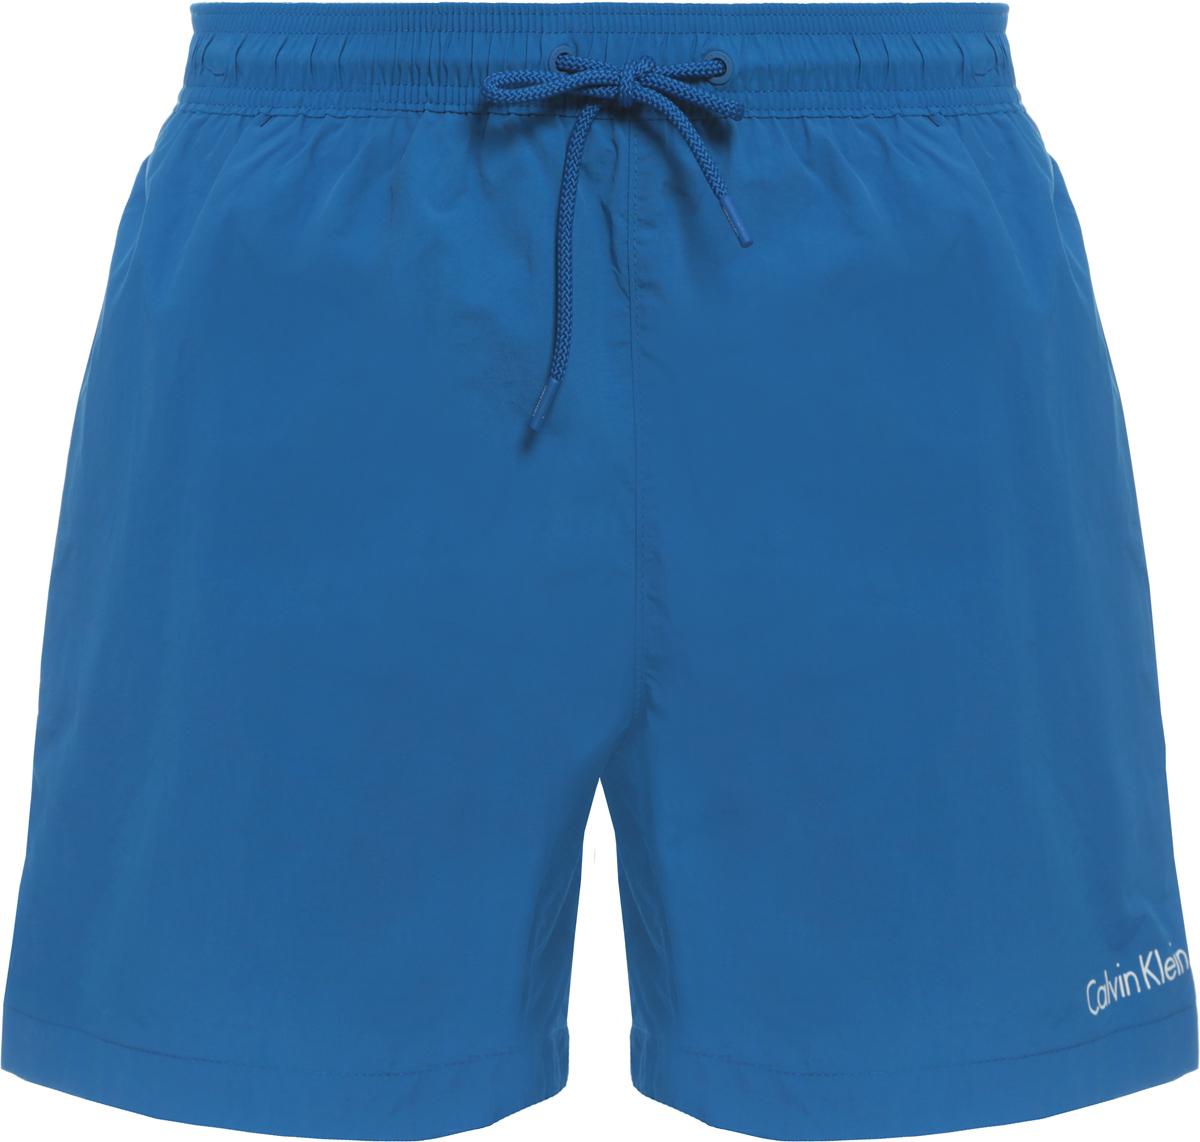 Шорты купальные мужские Calvin Klein Underwear, цвет: синий. KM0KM00163. Размер XL (52)KM0KM00163Шорты купальные мужские Calvin Klein Underwear выполнены из полиамида. Модель дополнена затягивающимся шнурком.